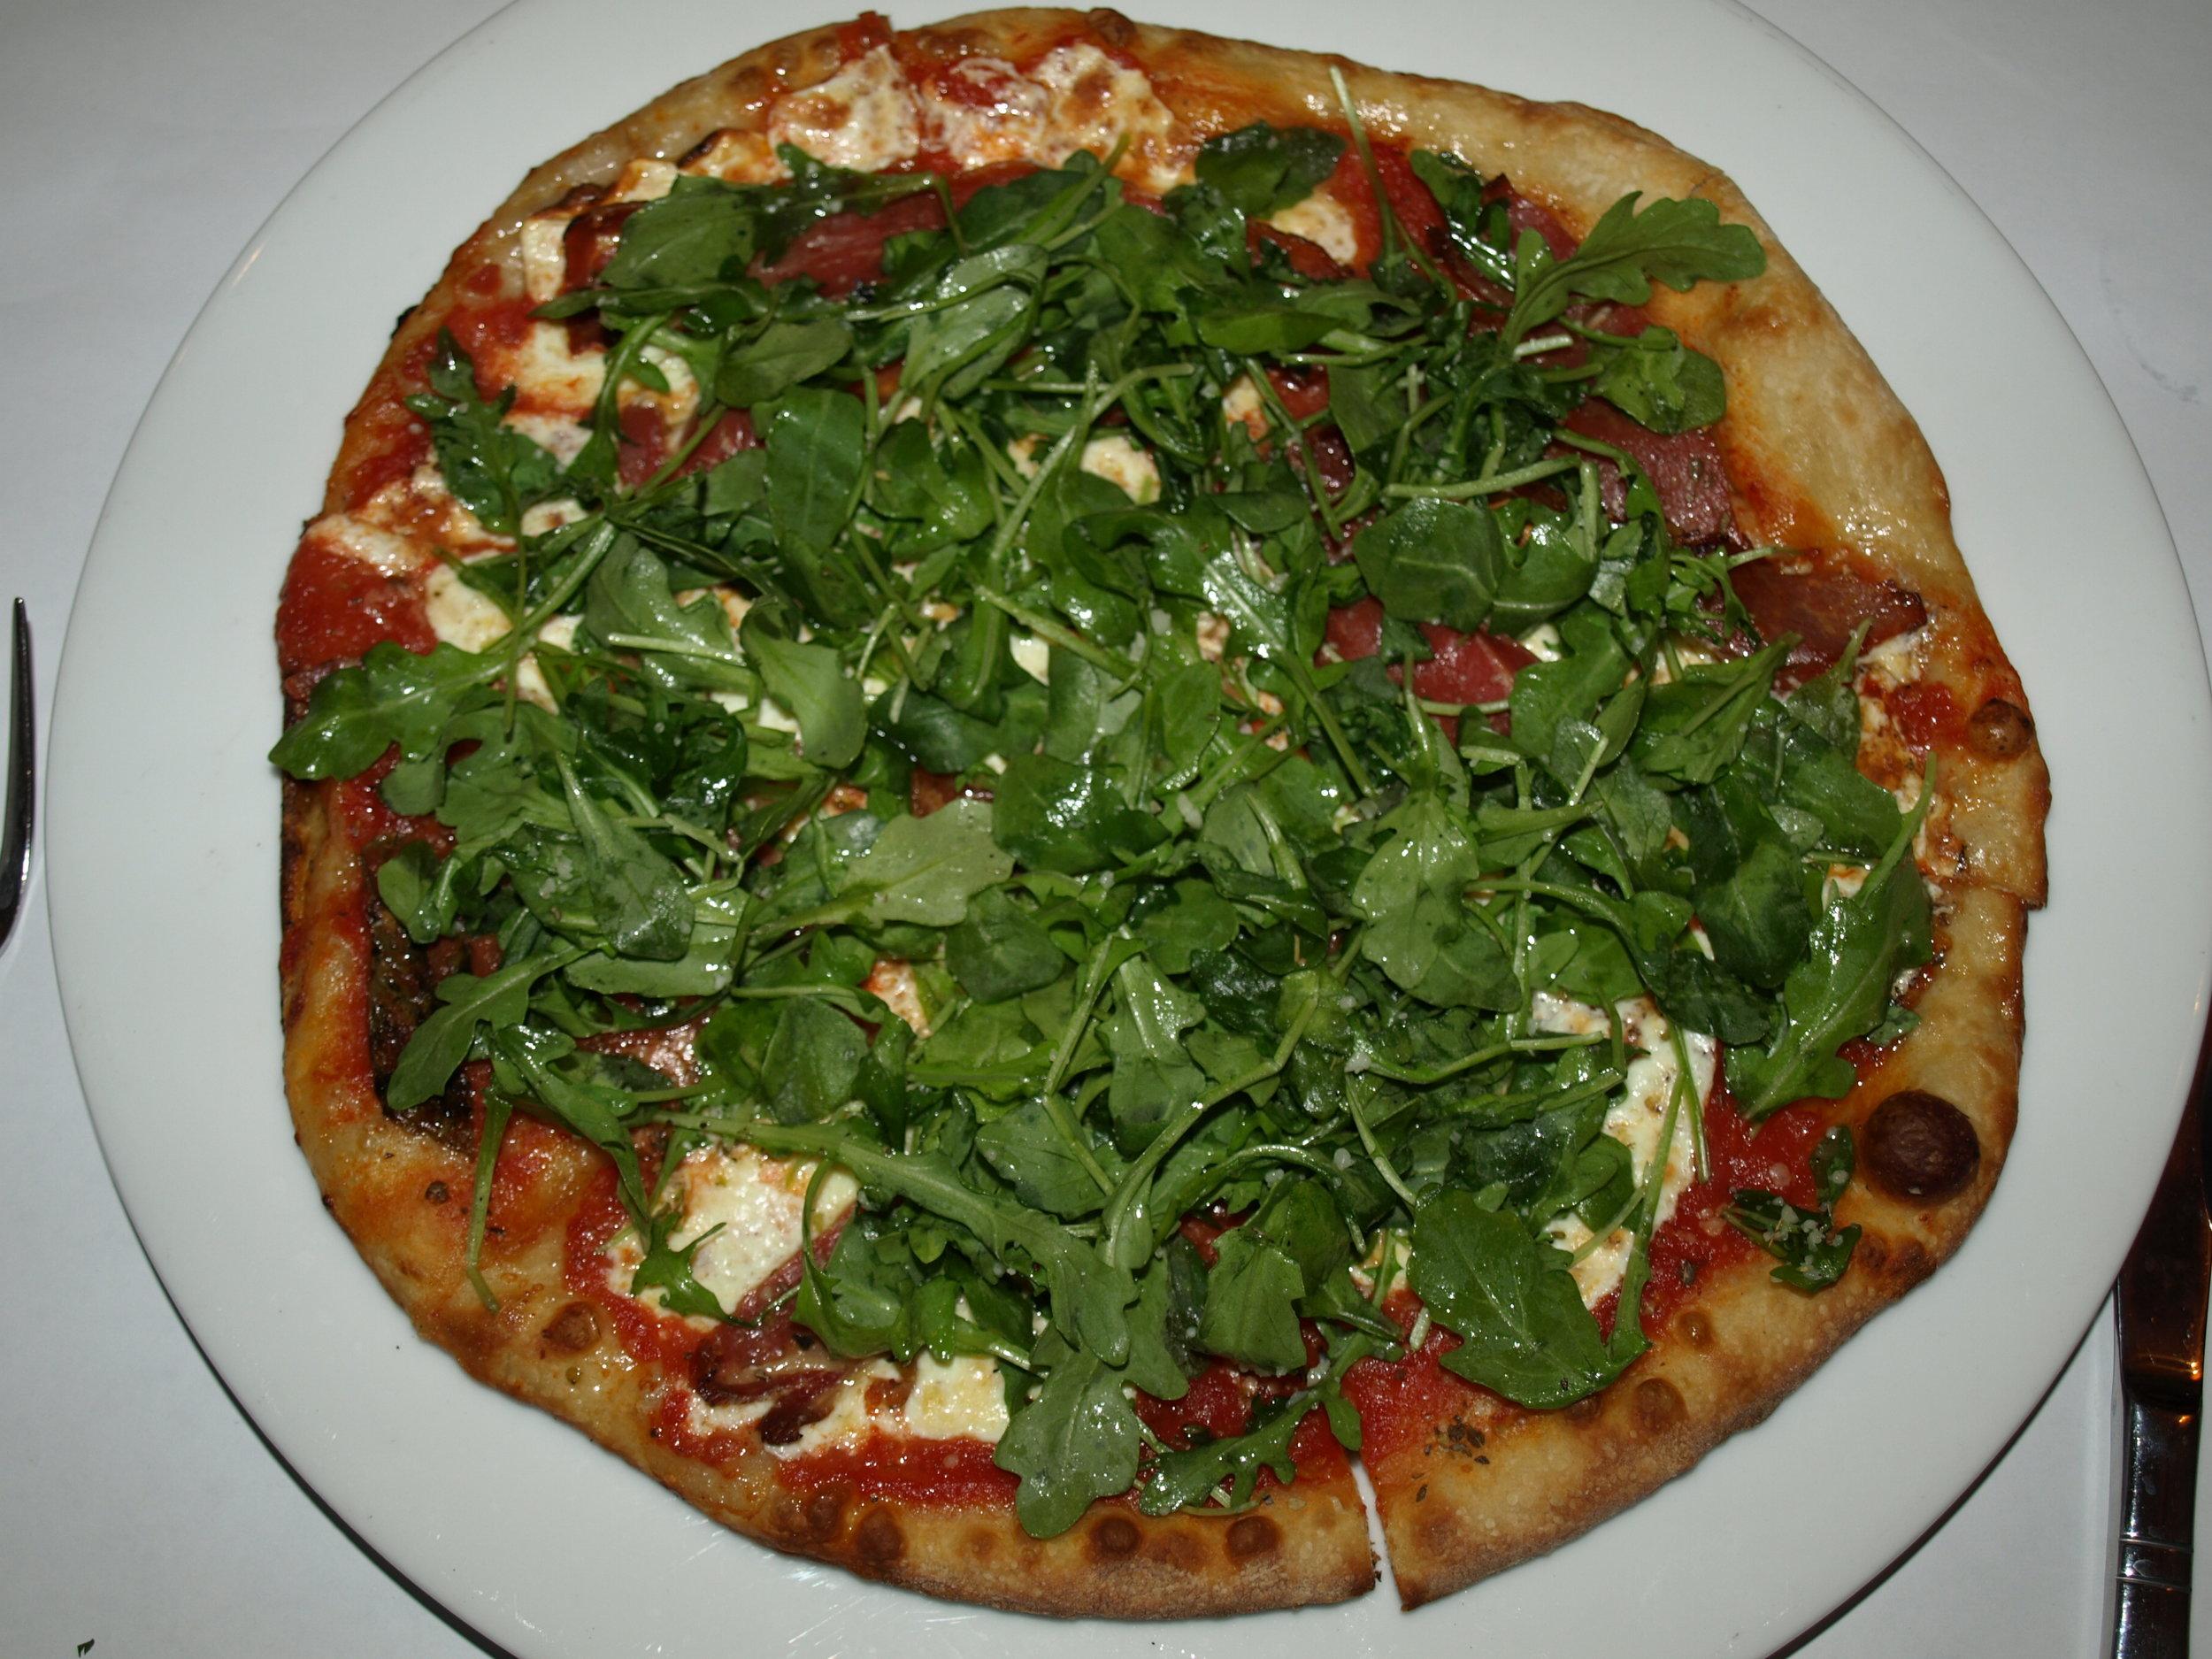 Pizzette Porto Fino ($13.95) is a thin crust pizza with fresh mozzarella, prosciutto, plum tomato sauce, baby arugula and truffle oil.   Long Islander News Photo/Connor  Beach